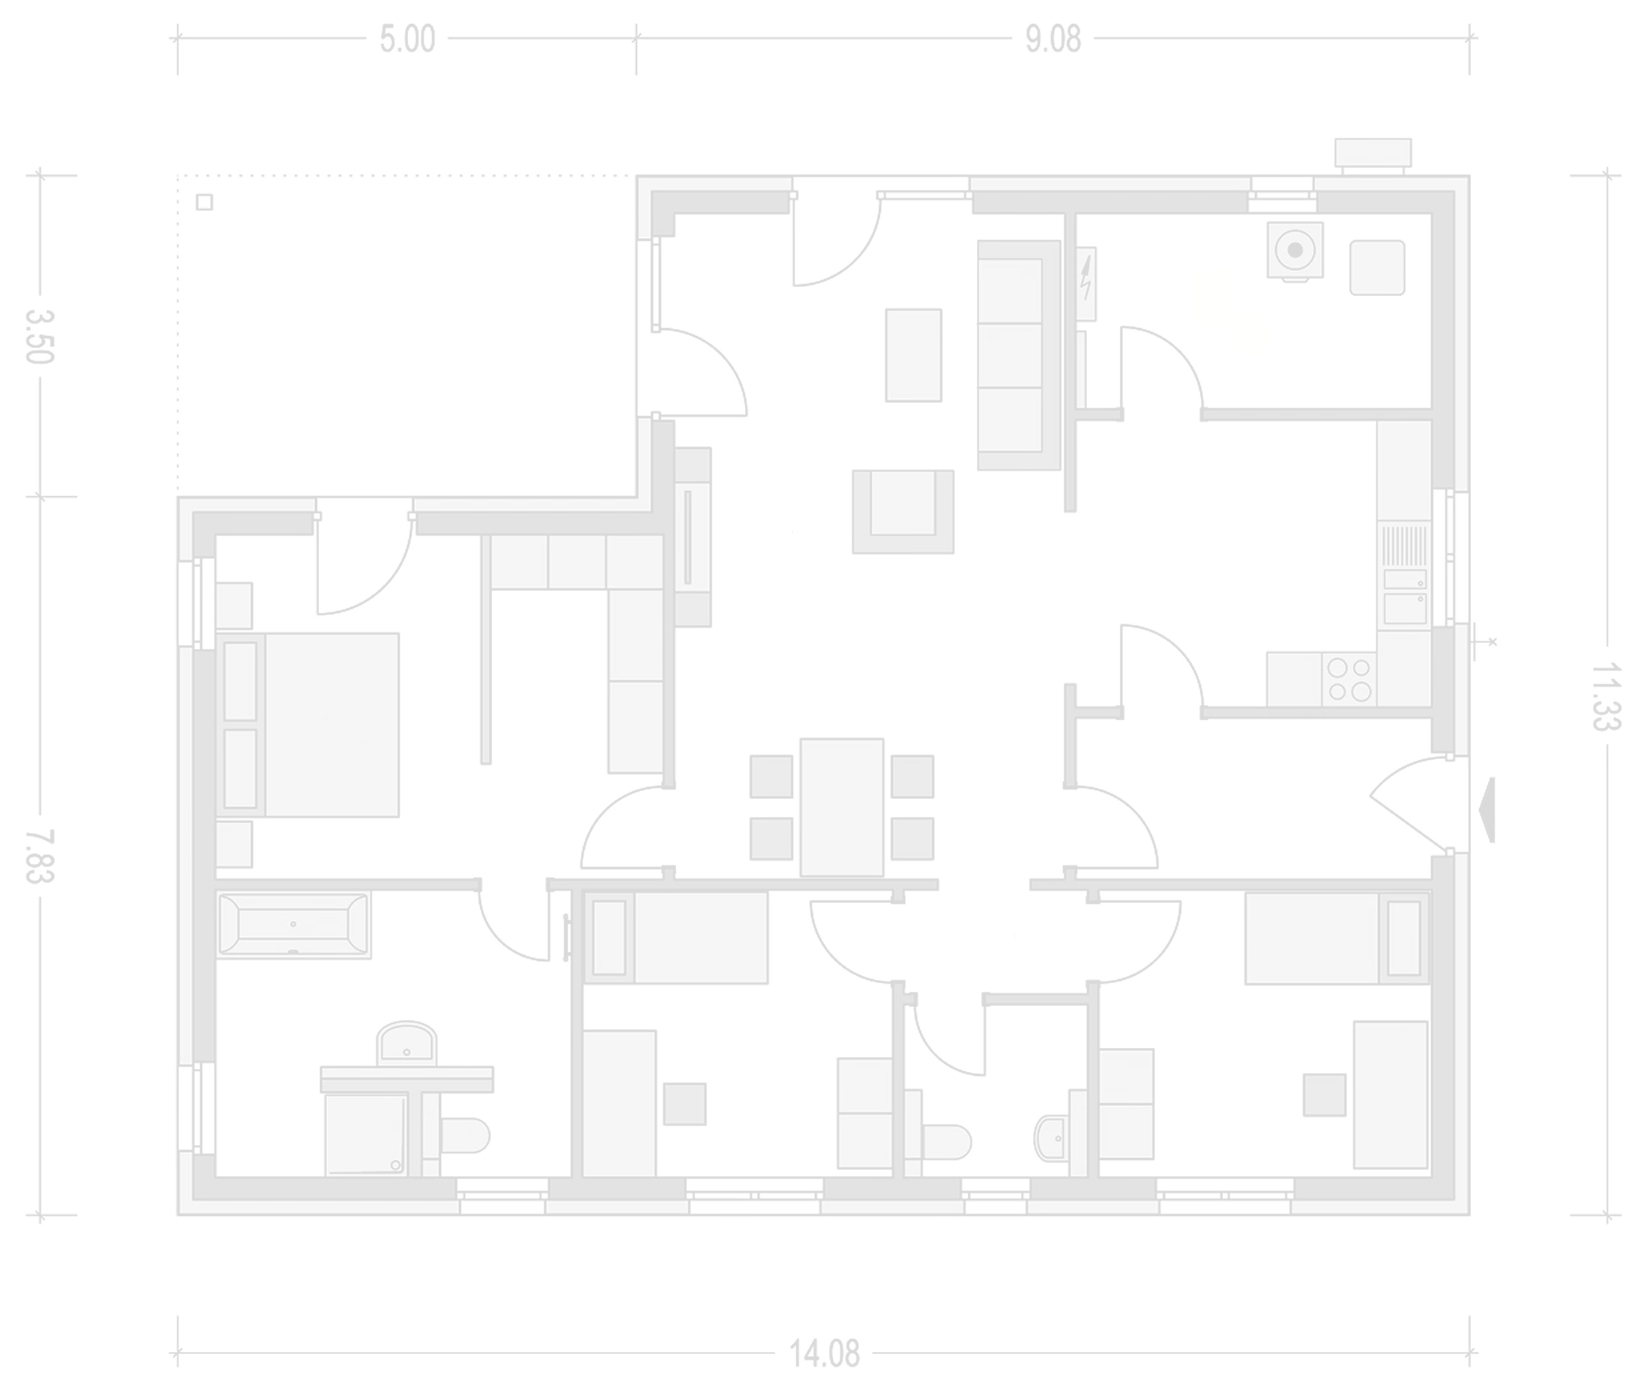 Planimetria della costruzione Casa in Legno modello Acetaia Silvio di Vibrobloc S.p.A.